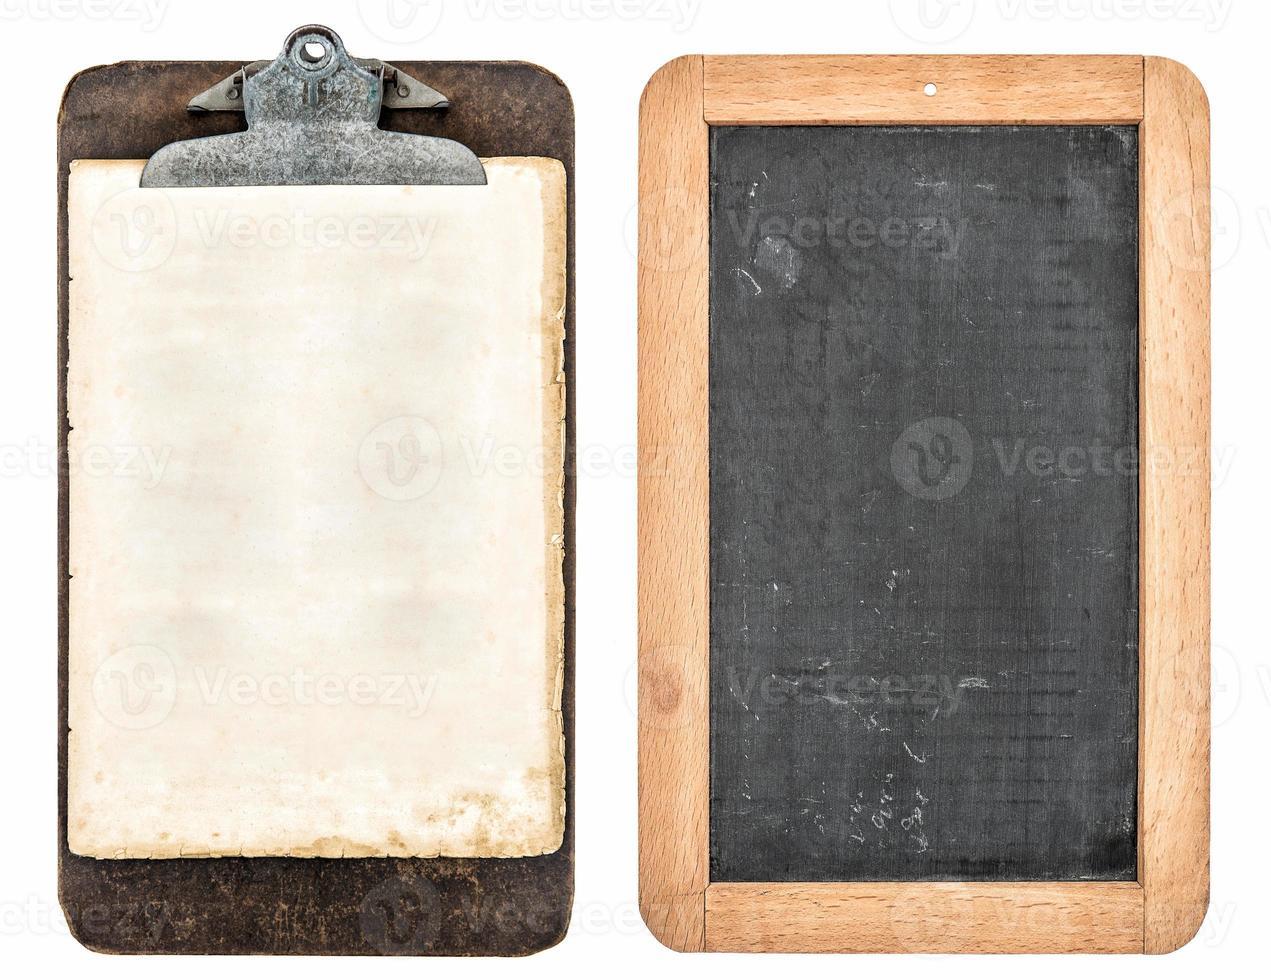 appunti antichi e lavagna isolato su bianco foto